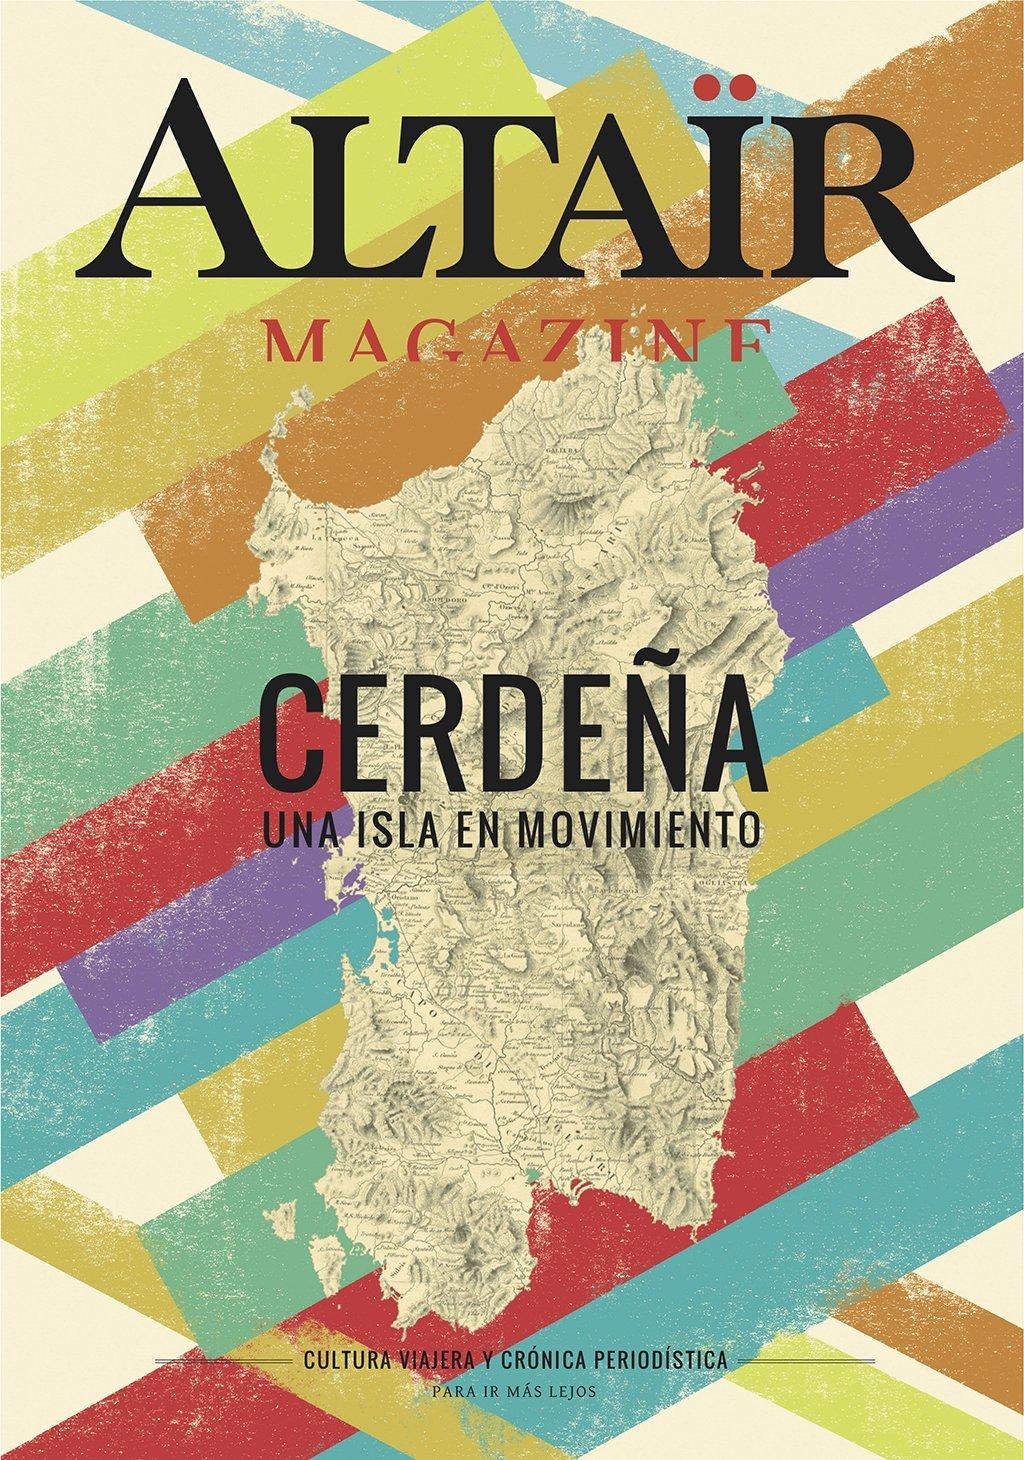 Altaïr Magazine #1 Cerdeña. Una isla en movimiento